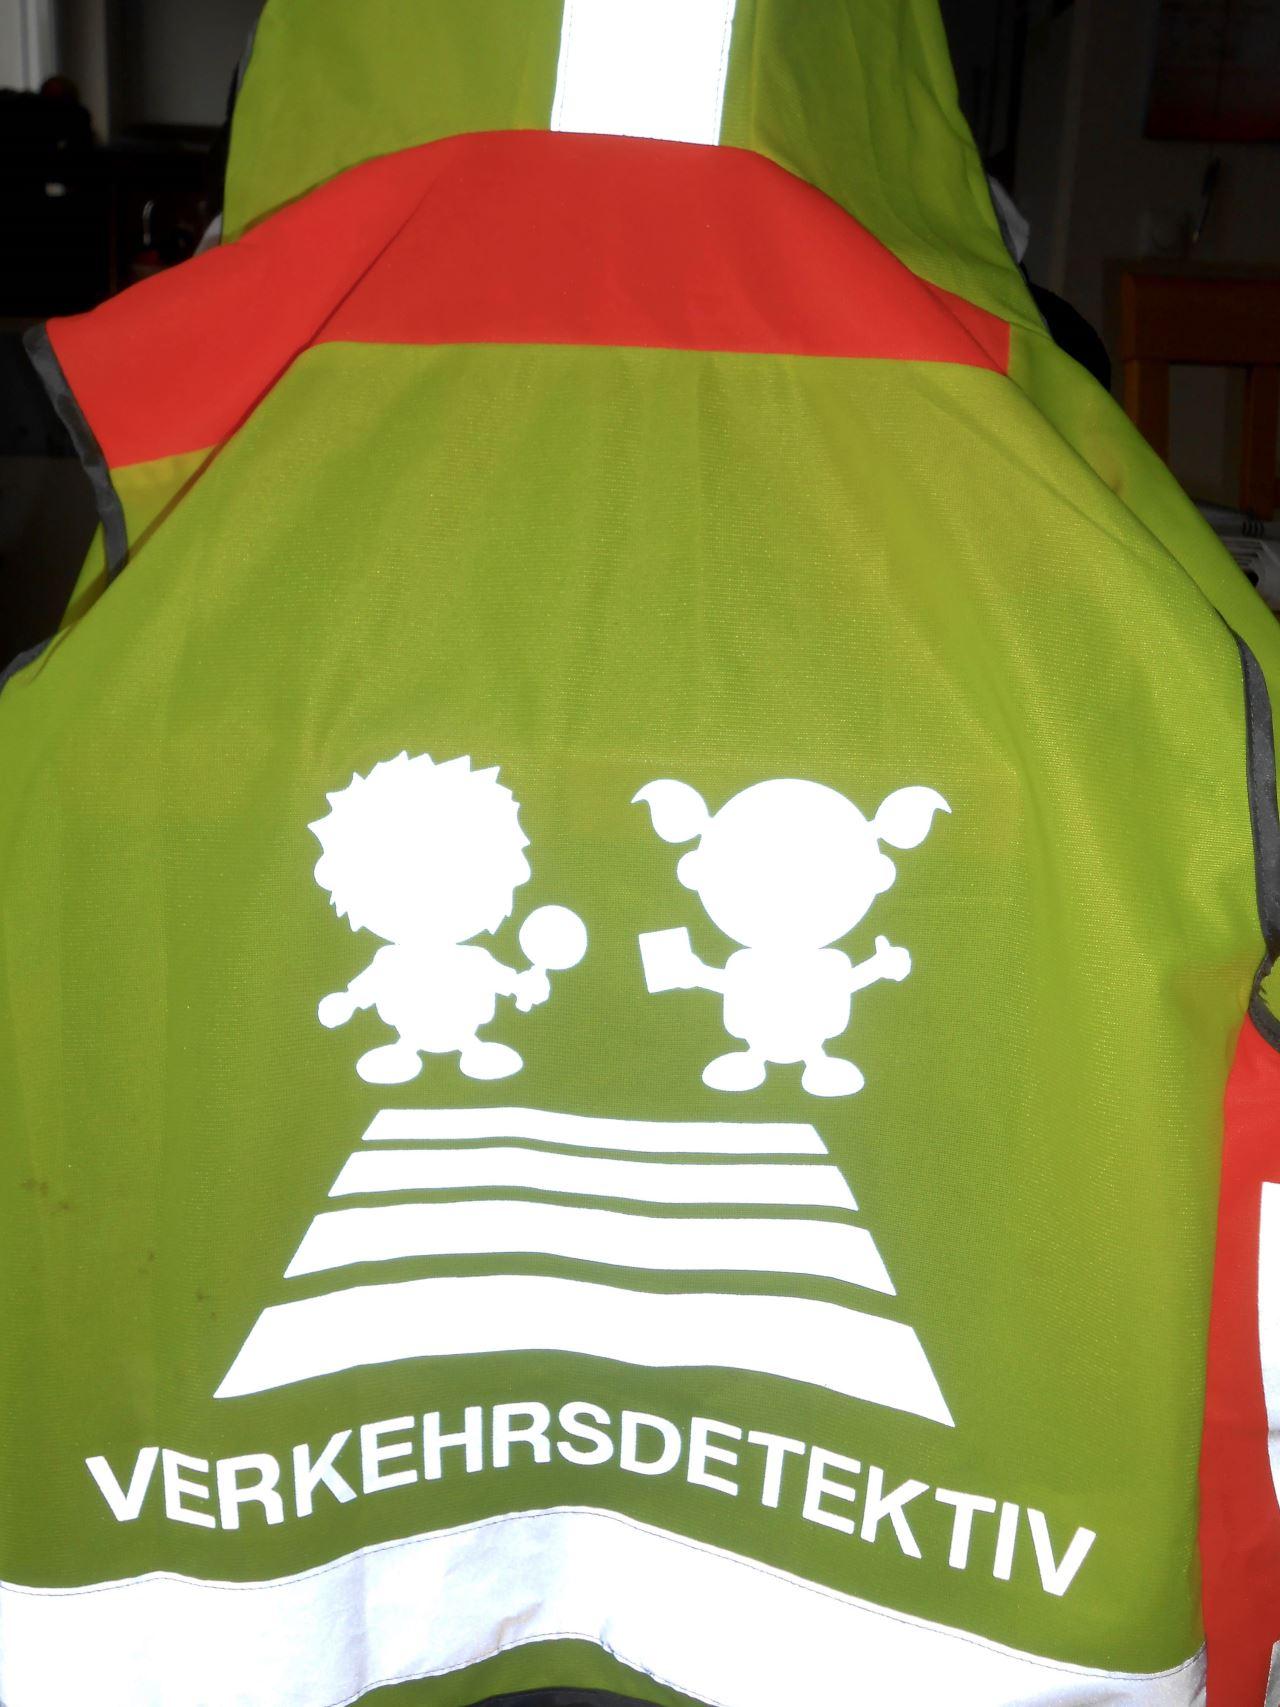 TV Schweinheim Leichtathletik: Wintertraining mit Warnwestenpflicht in Schweinheim